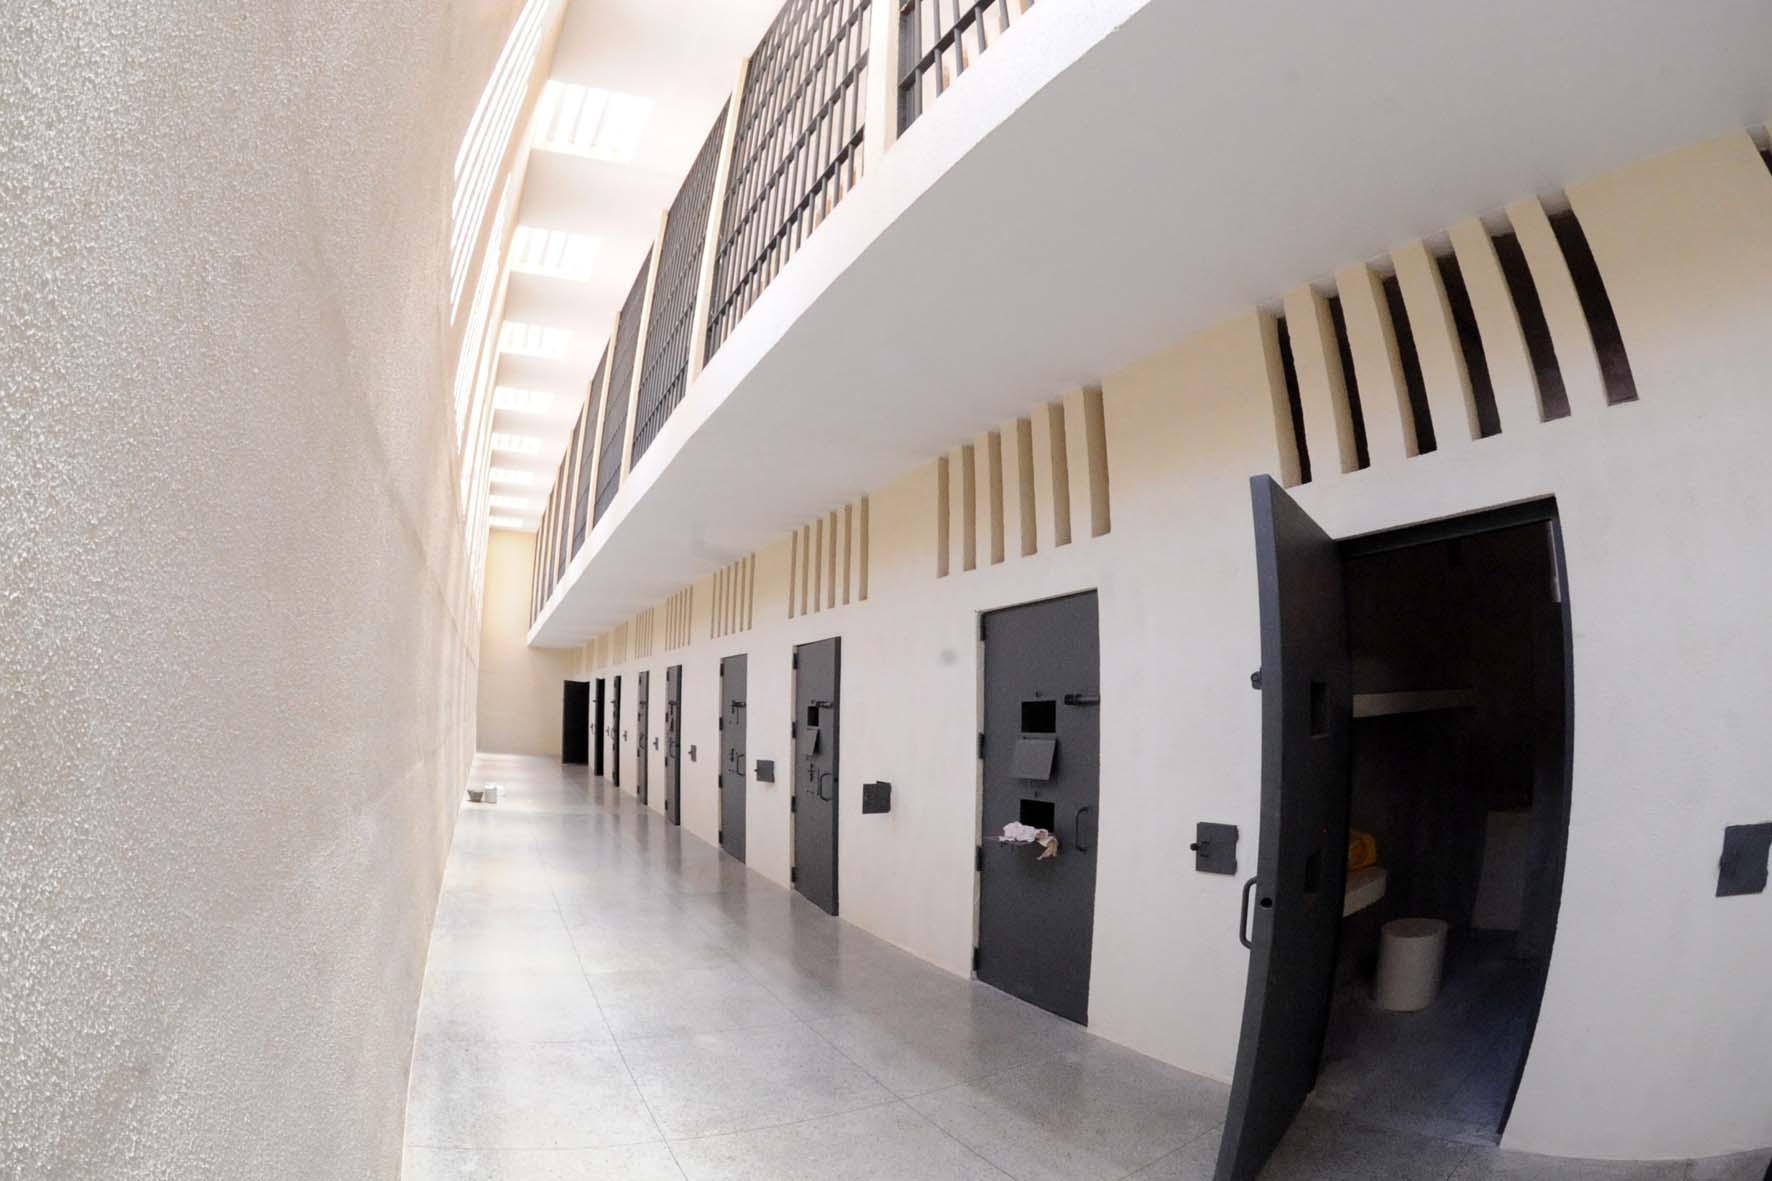 Resultado de imagem para penitenciaria federal de brasilia